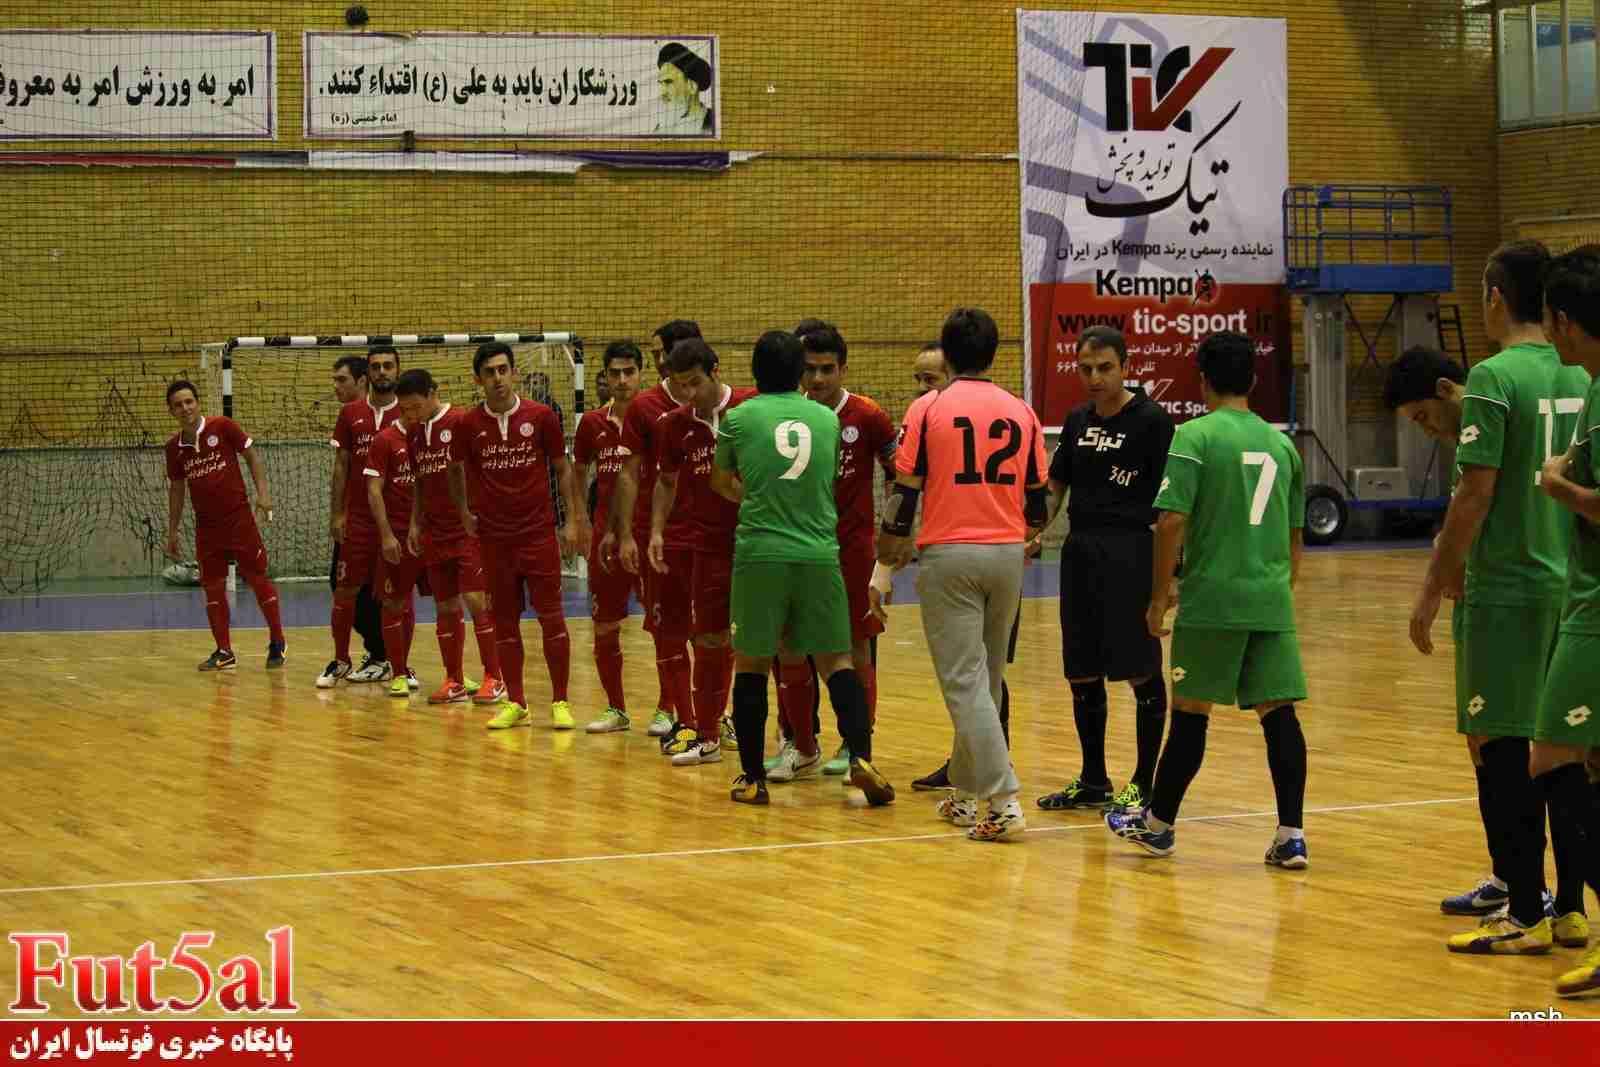 عبداللهی: رای انضباطی مسابقه مشهد در چند روز آینده اعلام میشود/ در دیداری که مساوی شده، دلیلی برای درگیری وجود ندارد